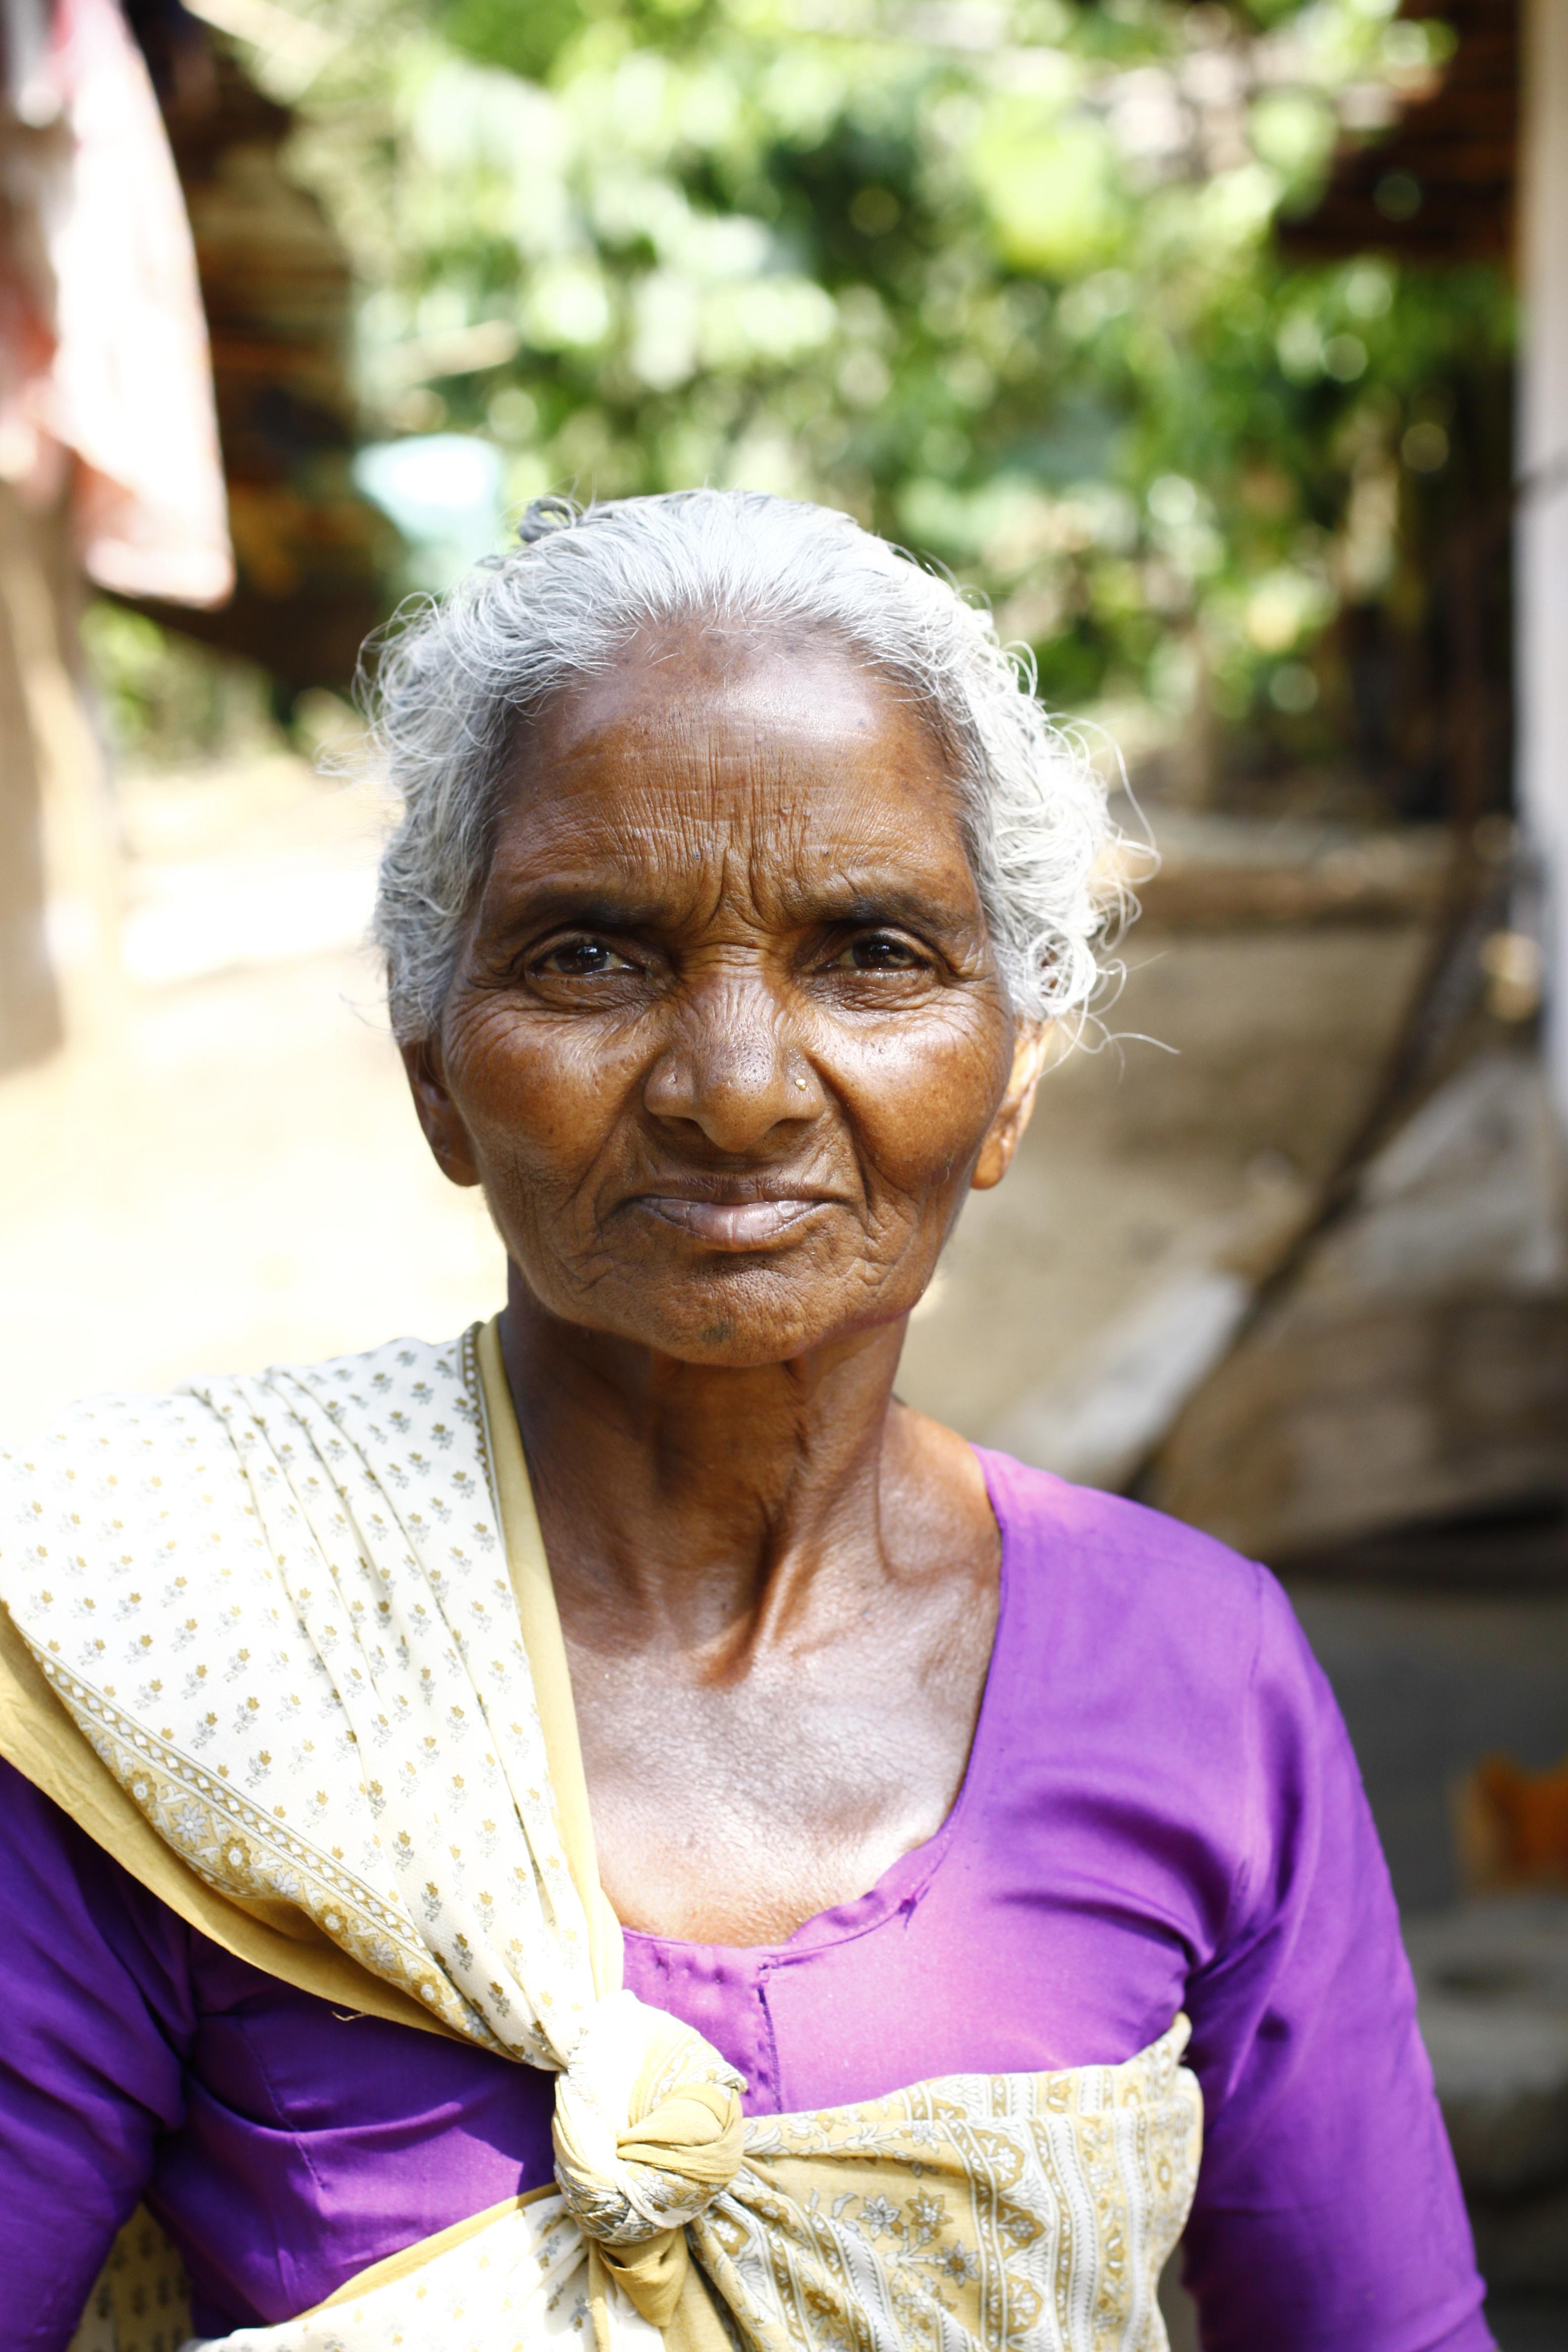 Ravula woman